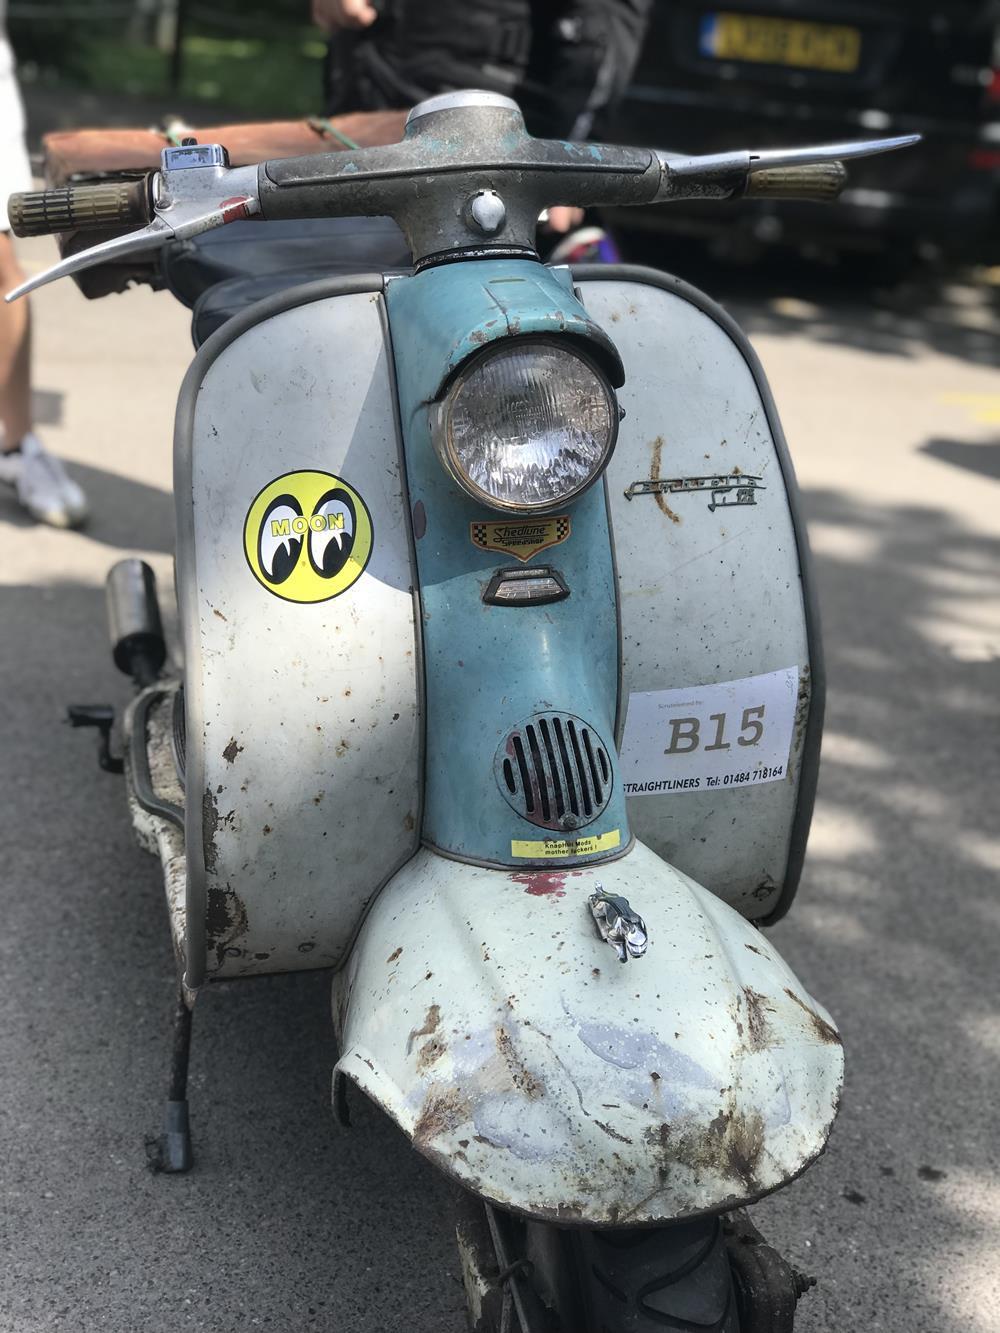 Rusty Lambretta scooter